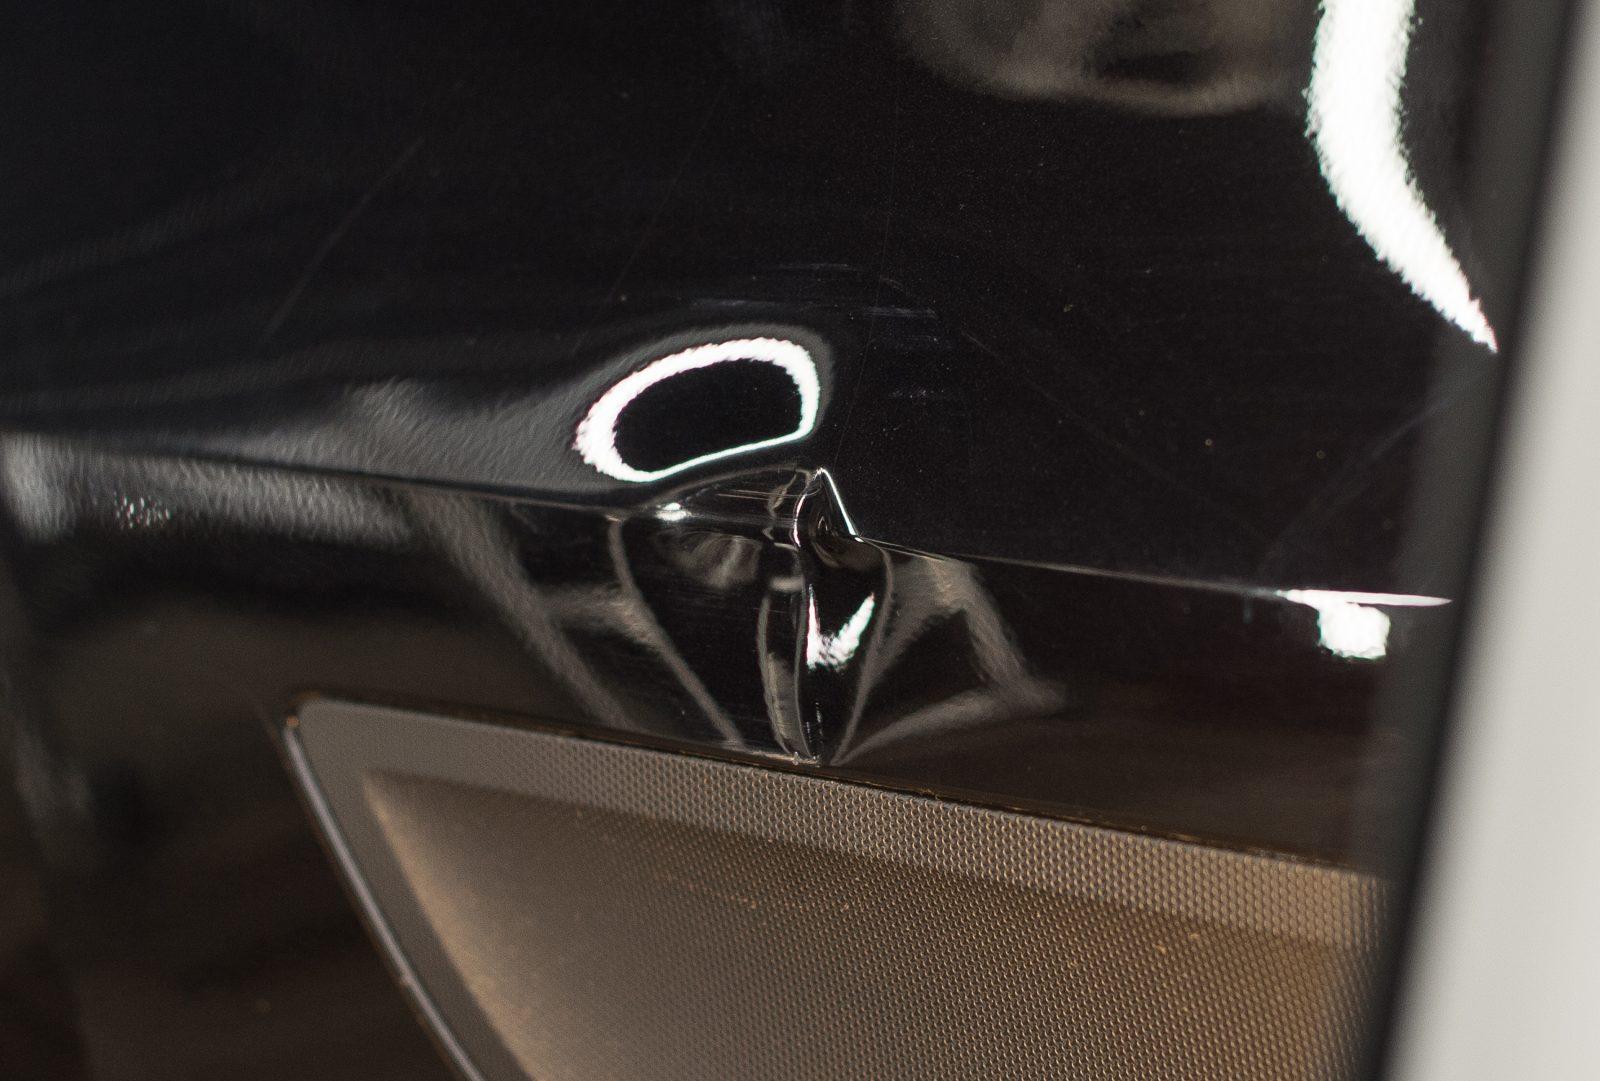 Porsche Macan удаление вмятины